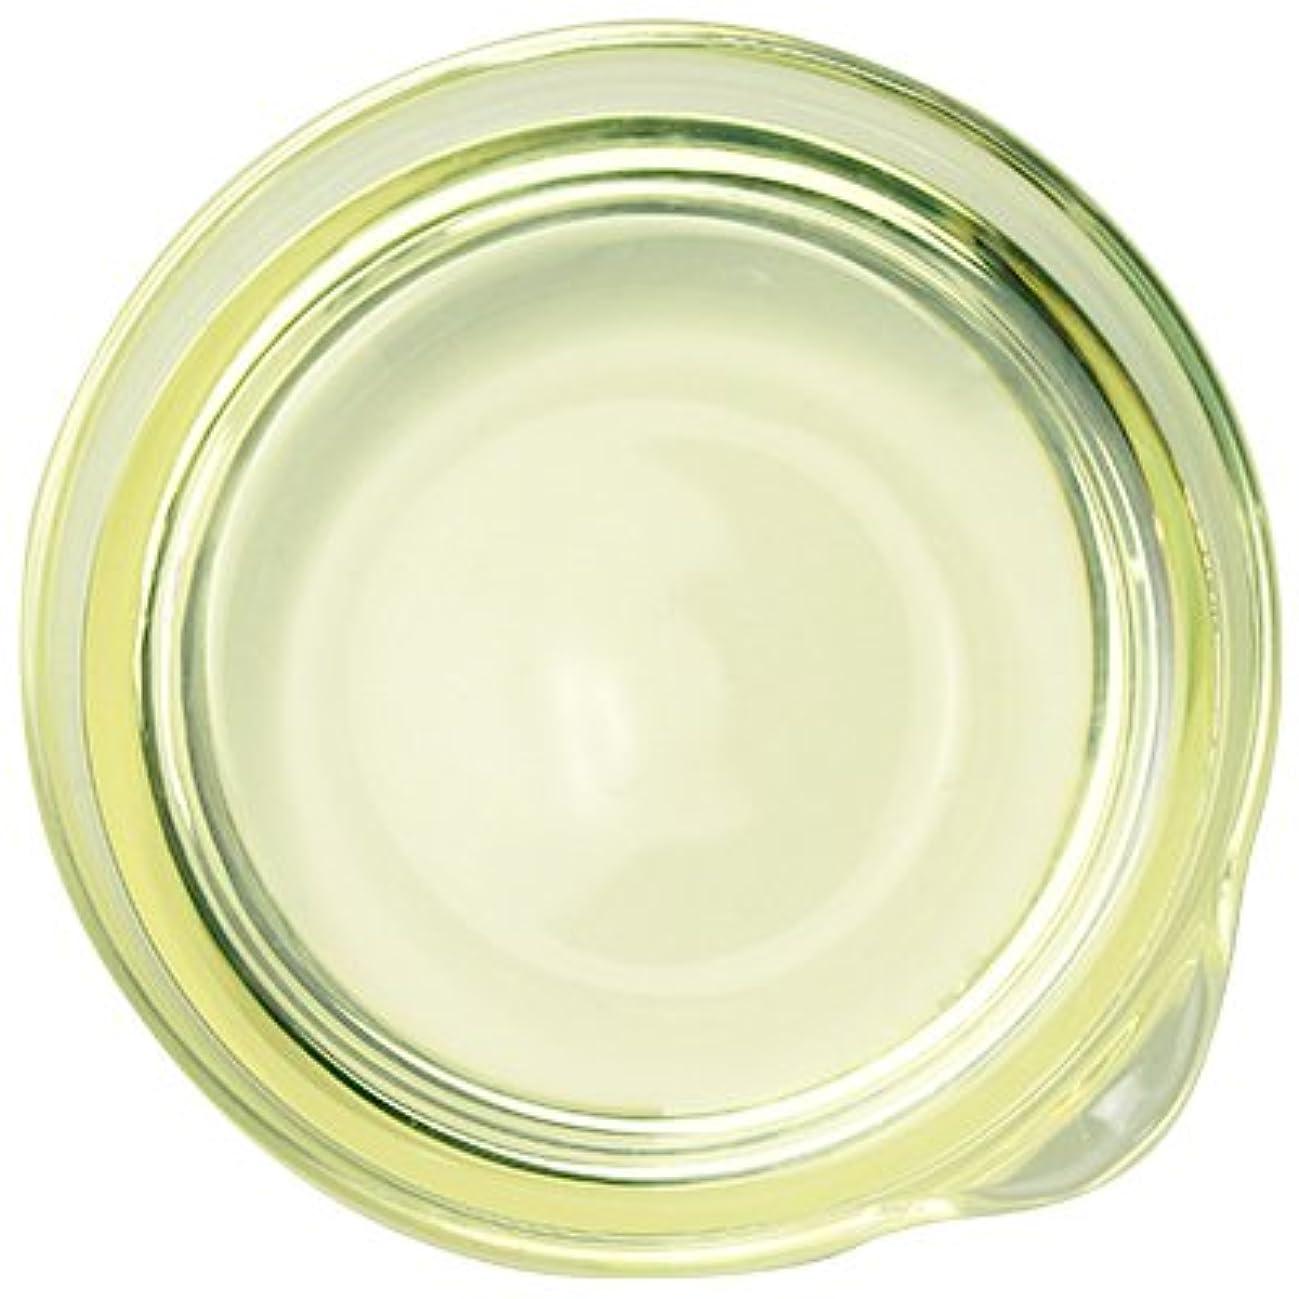 補助位置づける換気精製スイートアーモンドオイル 250ml 【手作り石鹸/手作りコスメ/アーモンド油】